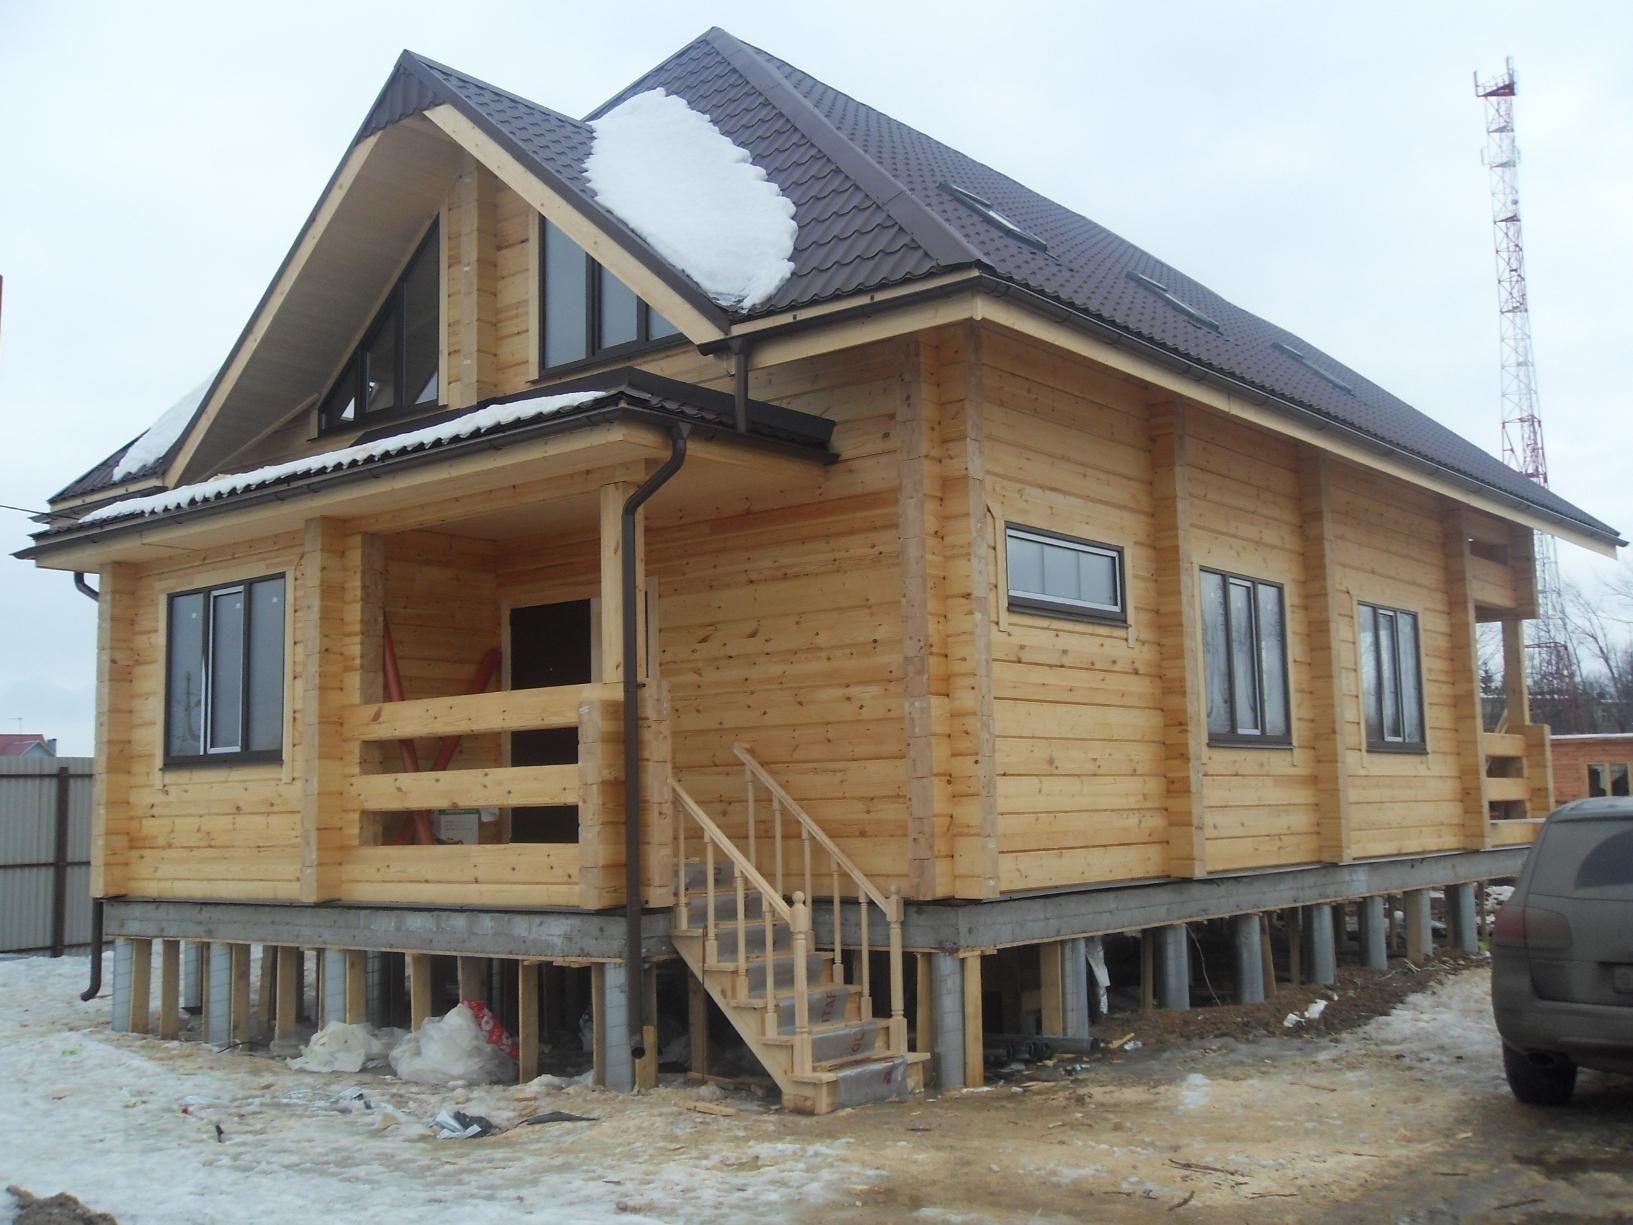 Дом на свайно-плитном фундаменте.